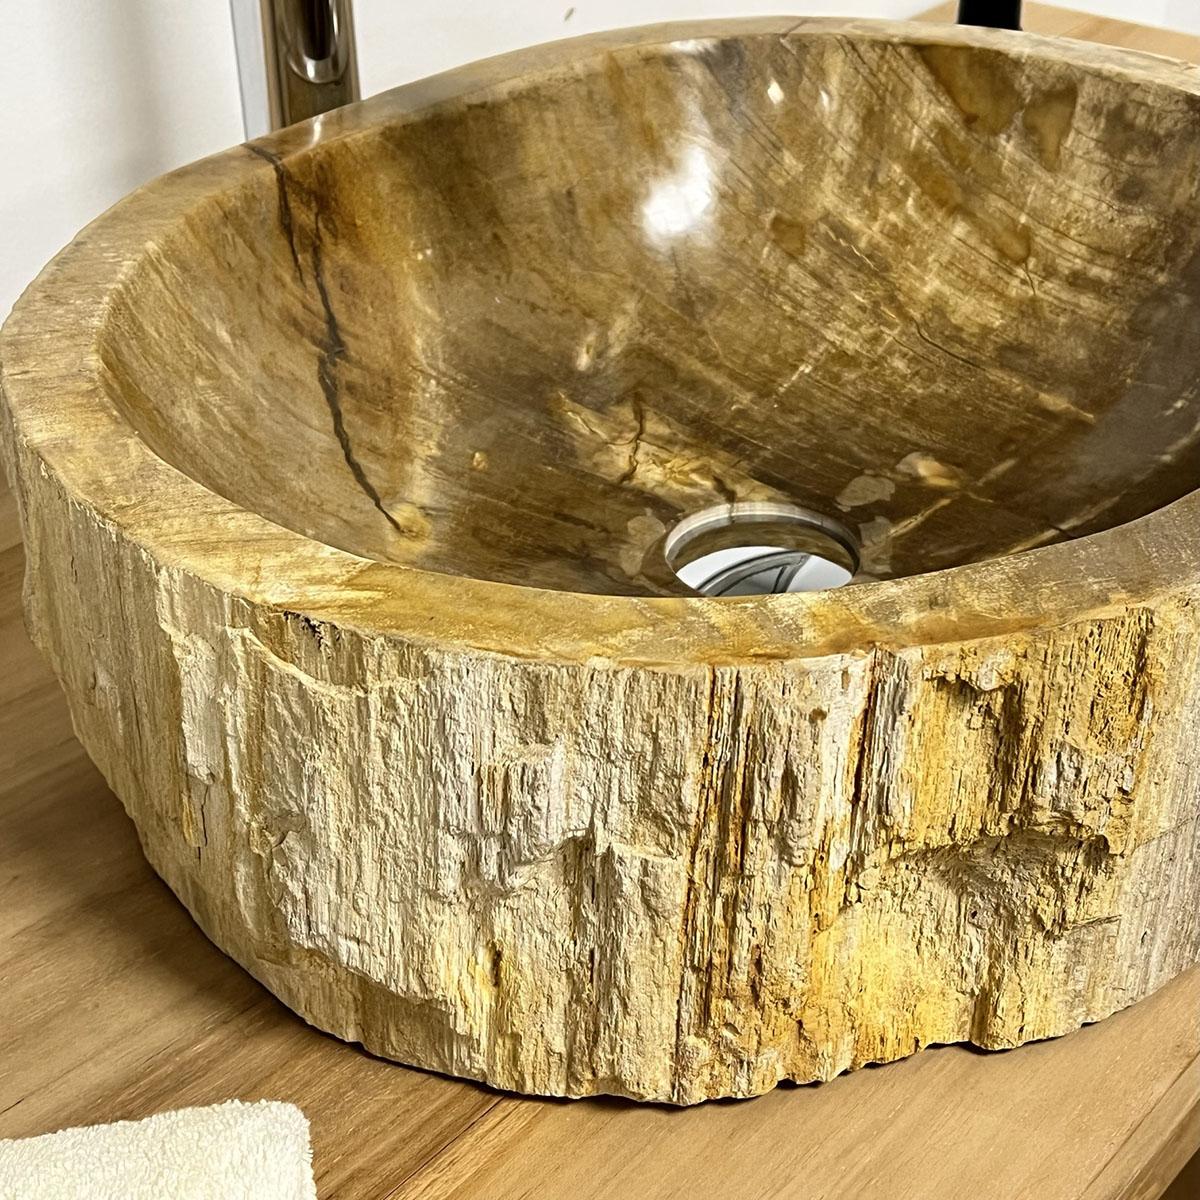 Lavabo de salle de bain en bois pétrifié fossilisé marron 50 CM